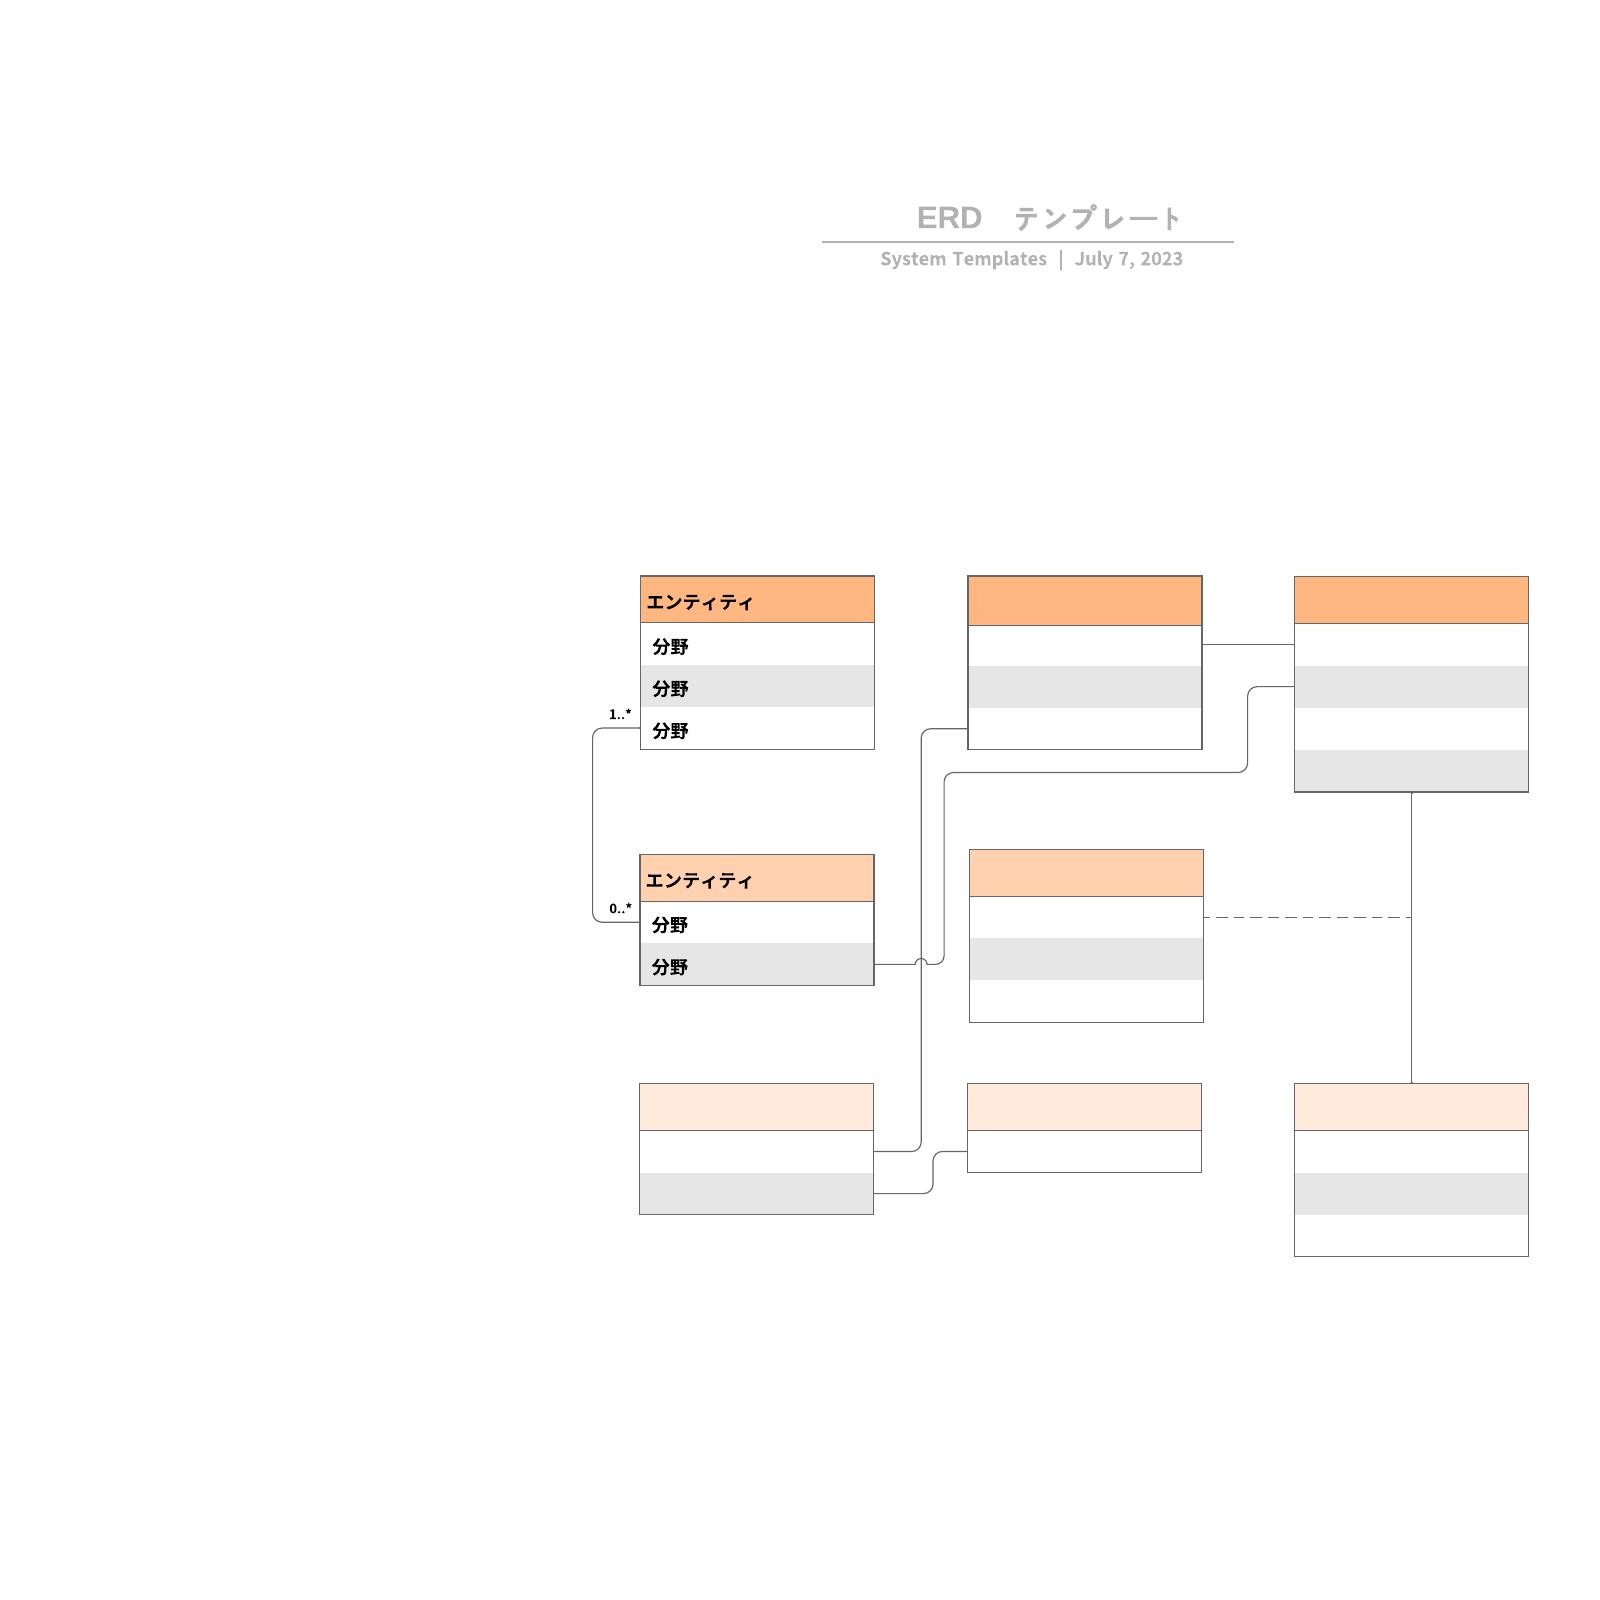 ER図(ERD)参考テンプレート